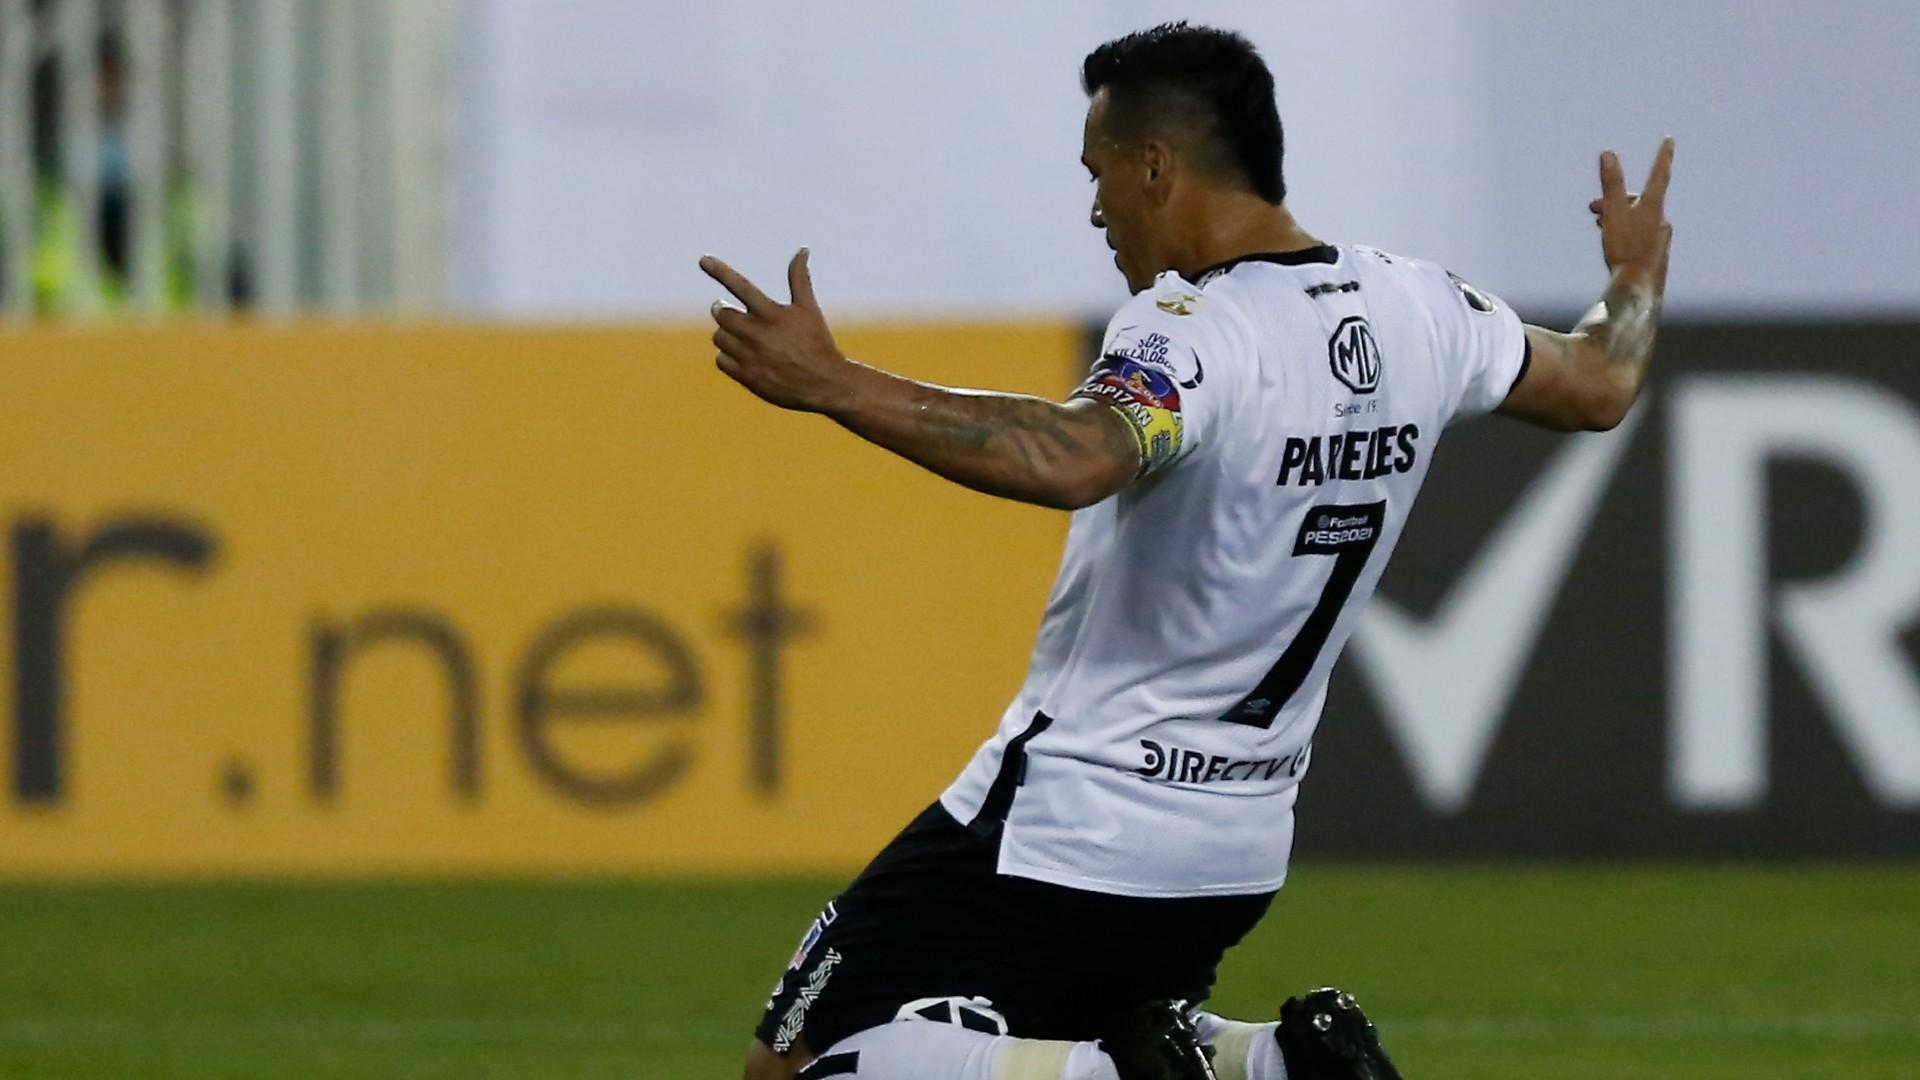 Colo Colo 2-1 Peñarol: videos, goles, resumen, comentarios y estadísticas | Goal.com